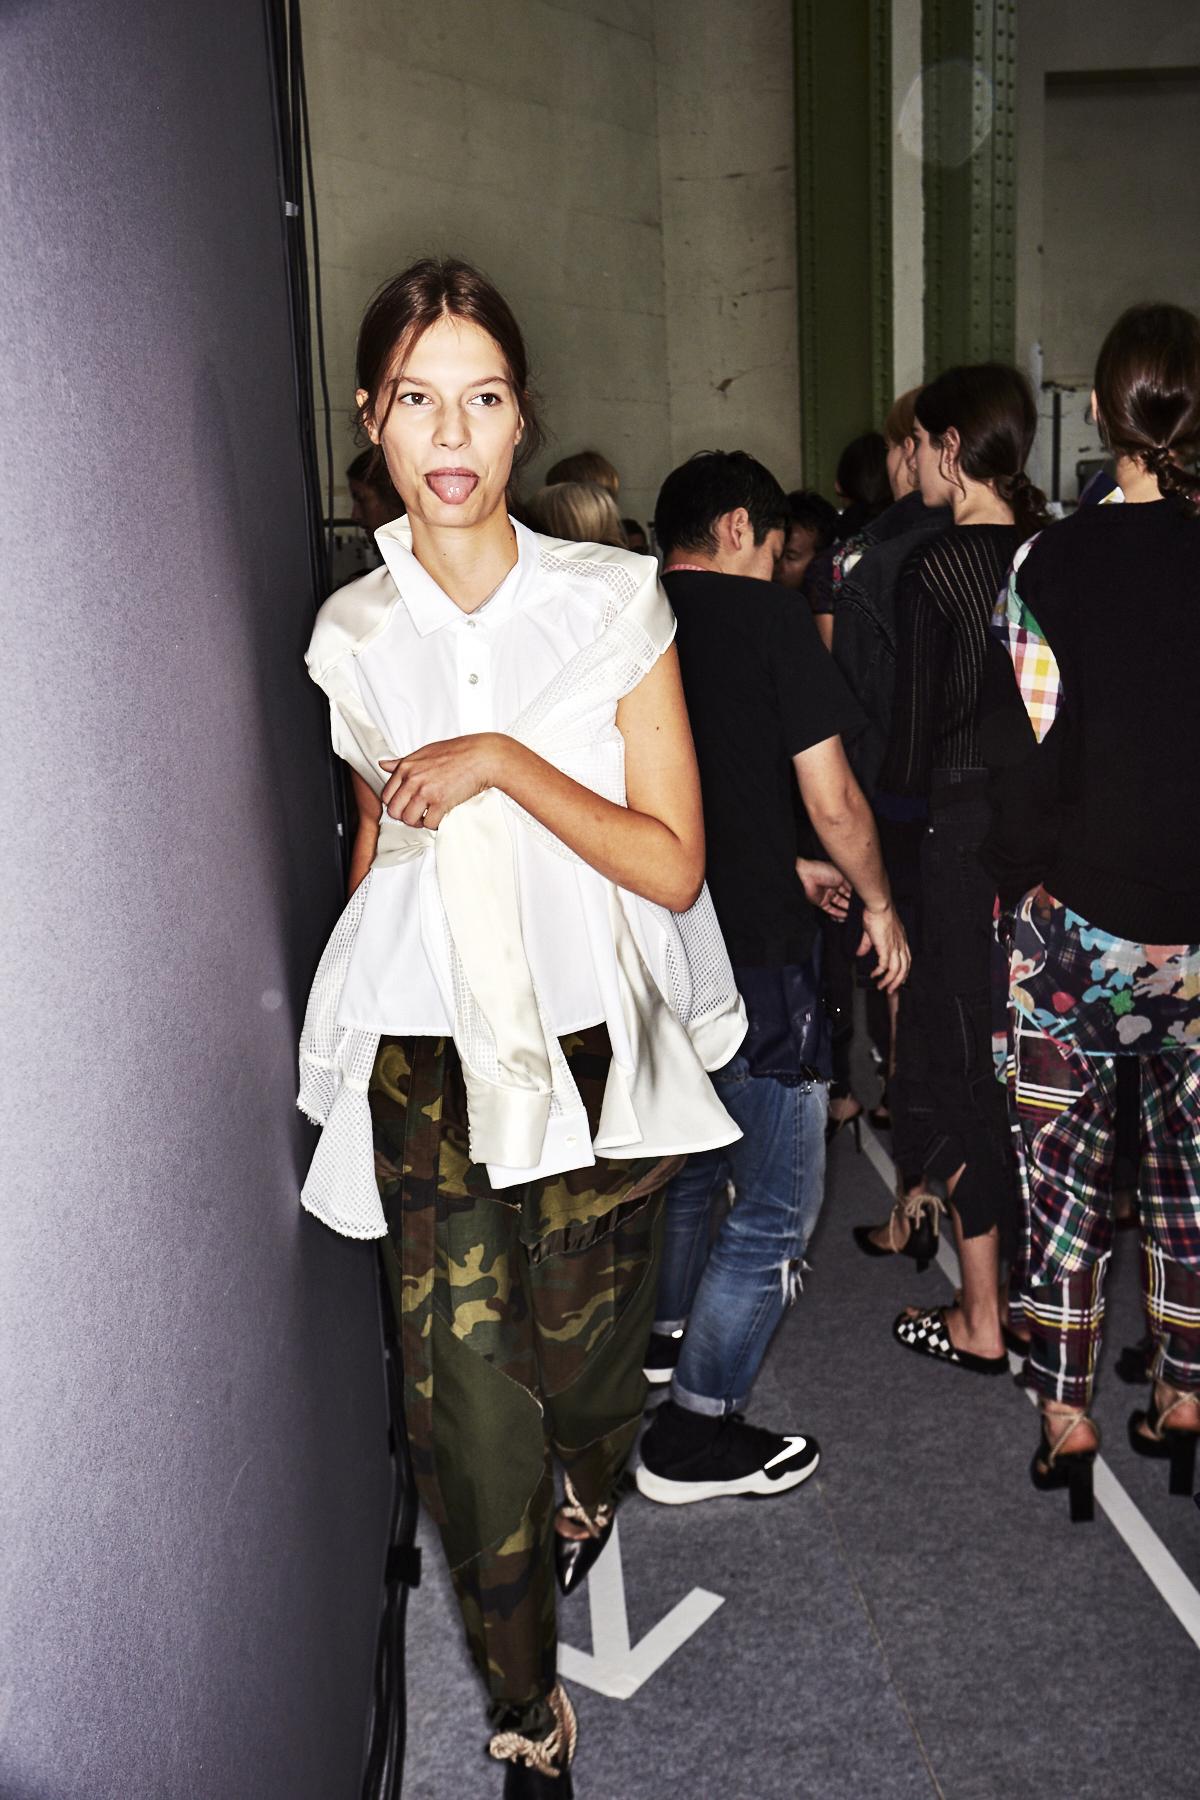 Das japanische Label Sacai stattet sein Mädchen mit einer Neuinterpretation der klassischen, weißen Button-Down-Bluse aus, deren langen Ärmel vorne an der Brust gebunden werden. Trotz der locker sitzenden Camouflage-Hose muss man sich mit diesem Outfit auf keinen Fall verstecken. Es ist Dekonstruktivismus pur.